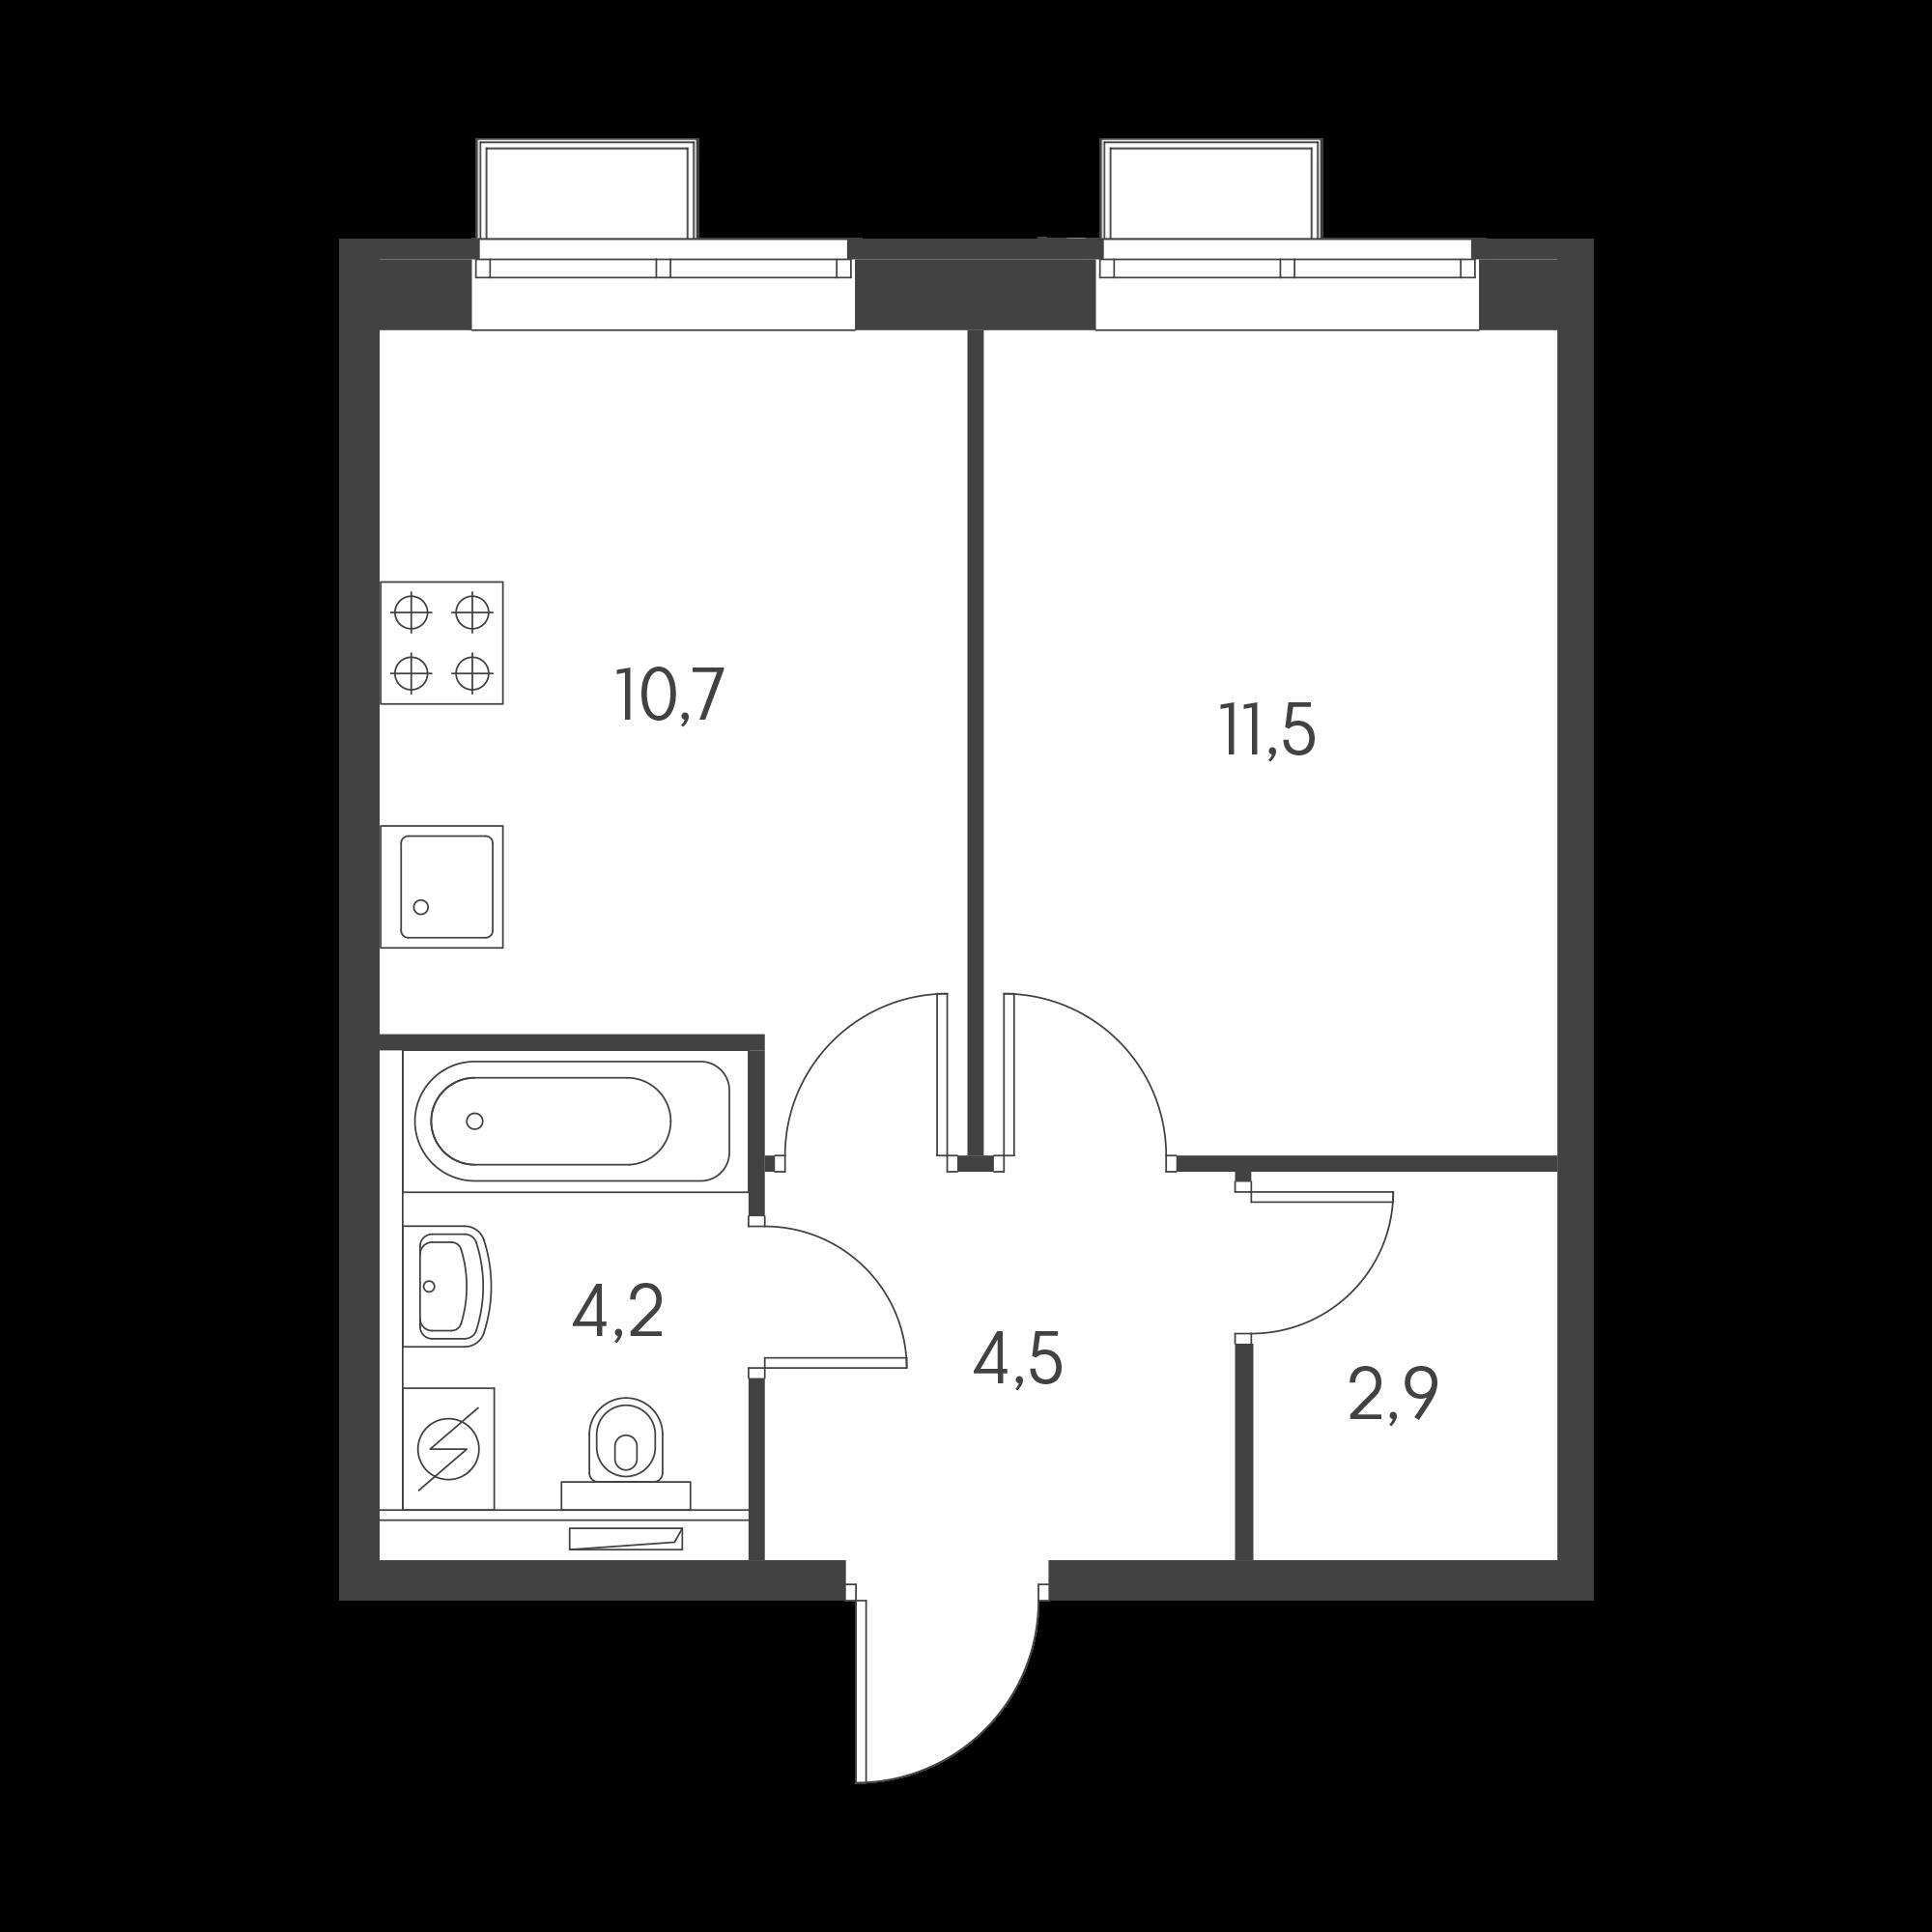 1KS1_6.0-2-B